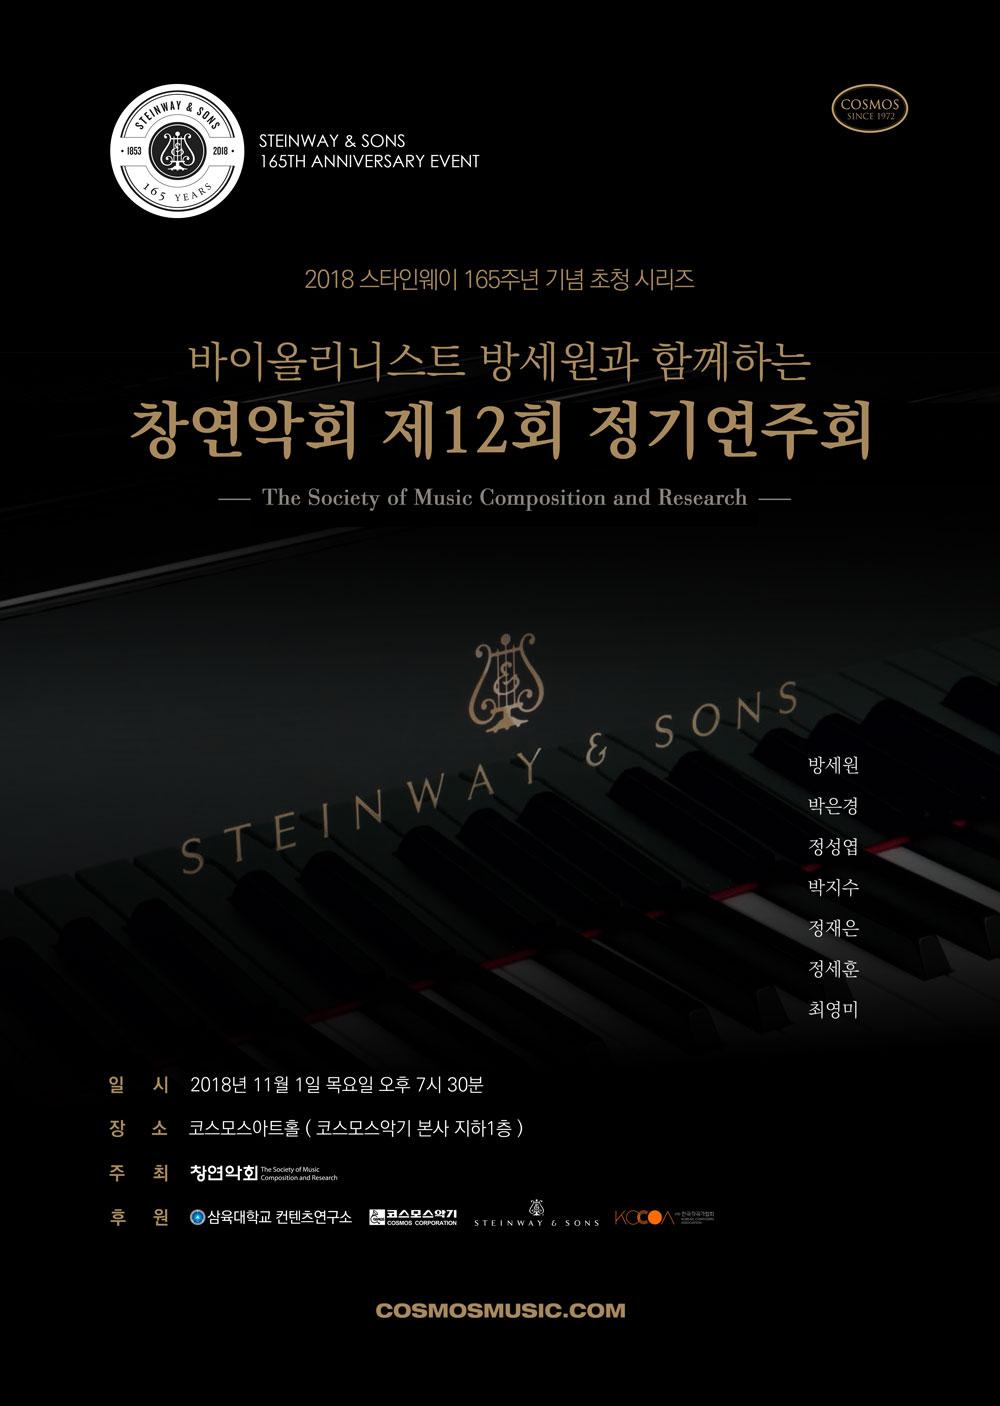 창연악회 제 12회 정기연주회 포스터.jpg